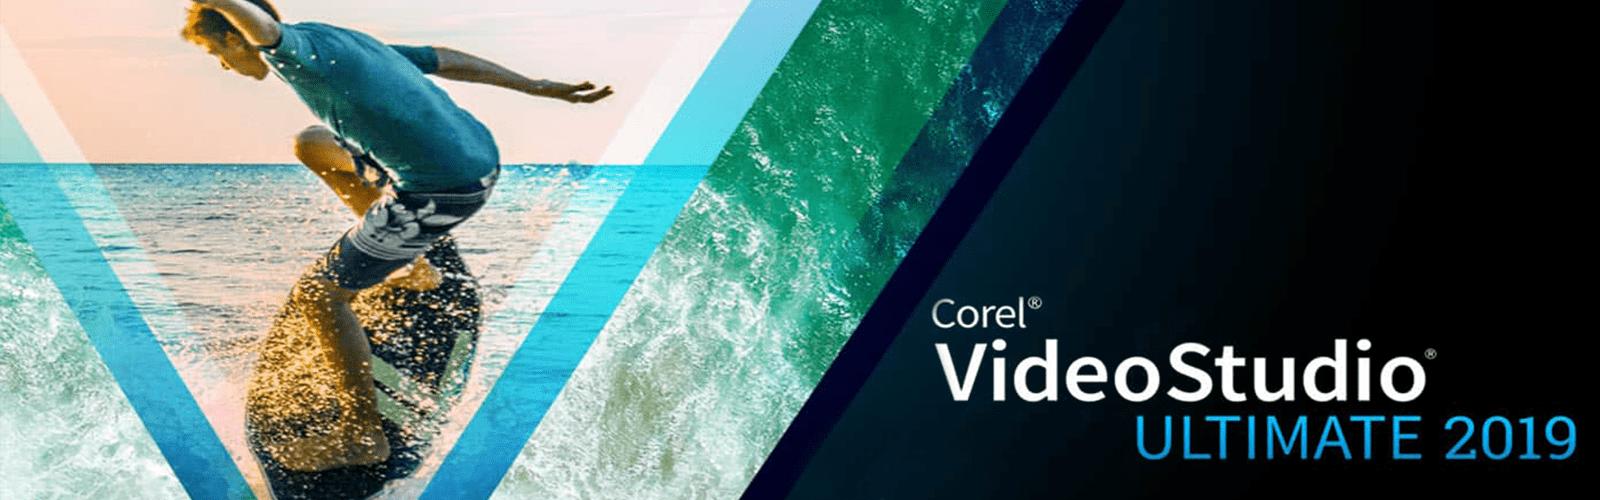 Corel-VideoStudio-Licencias-Venta-Suscripciones